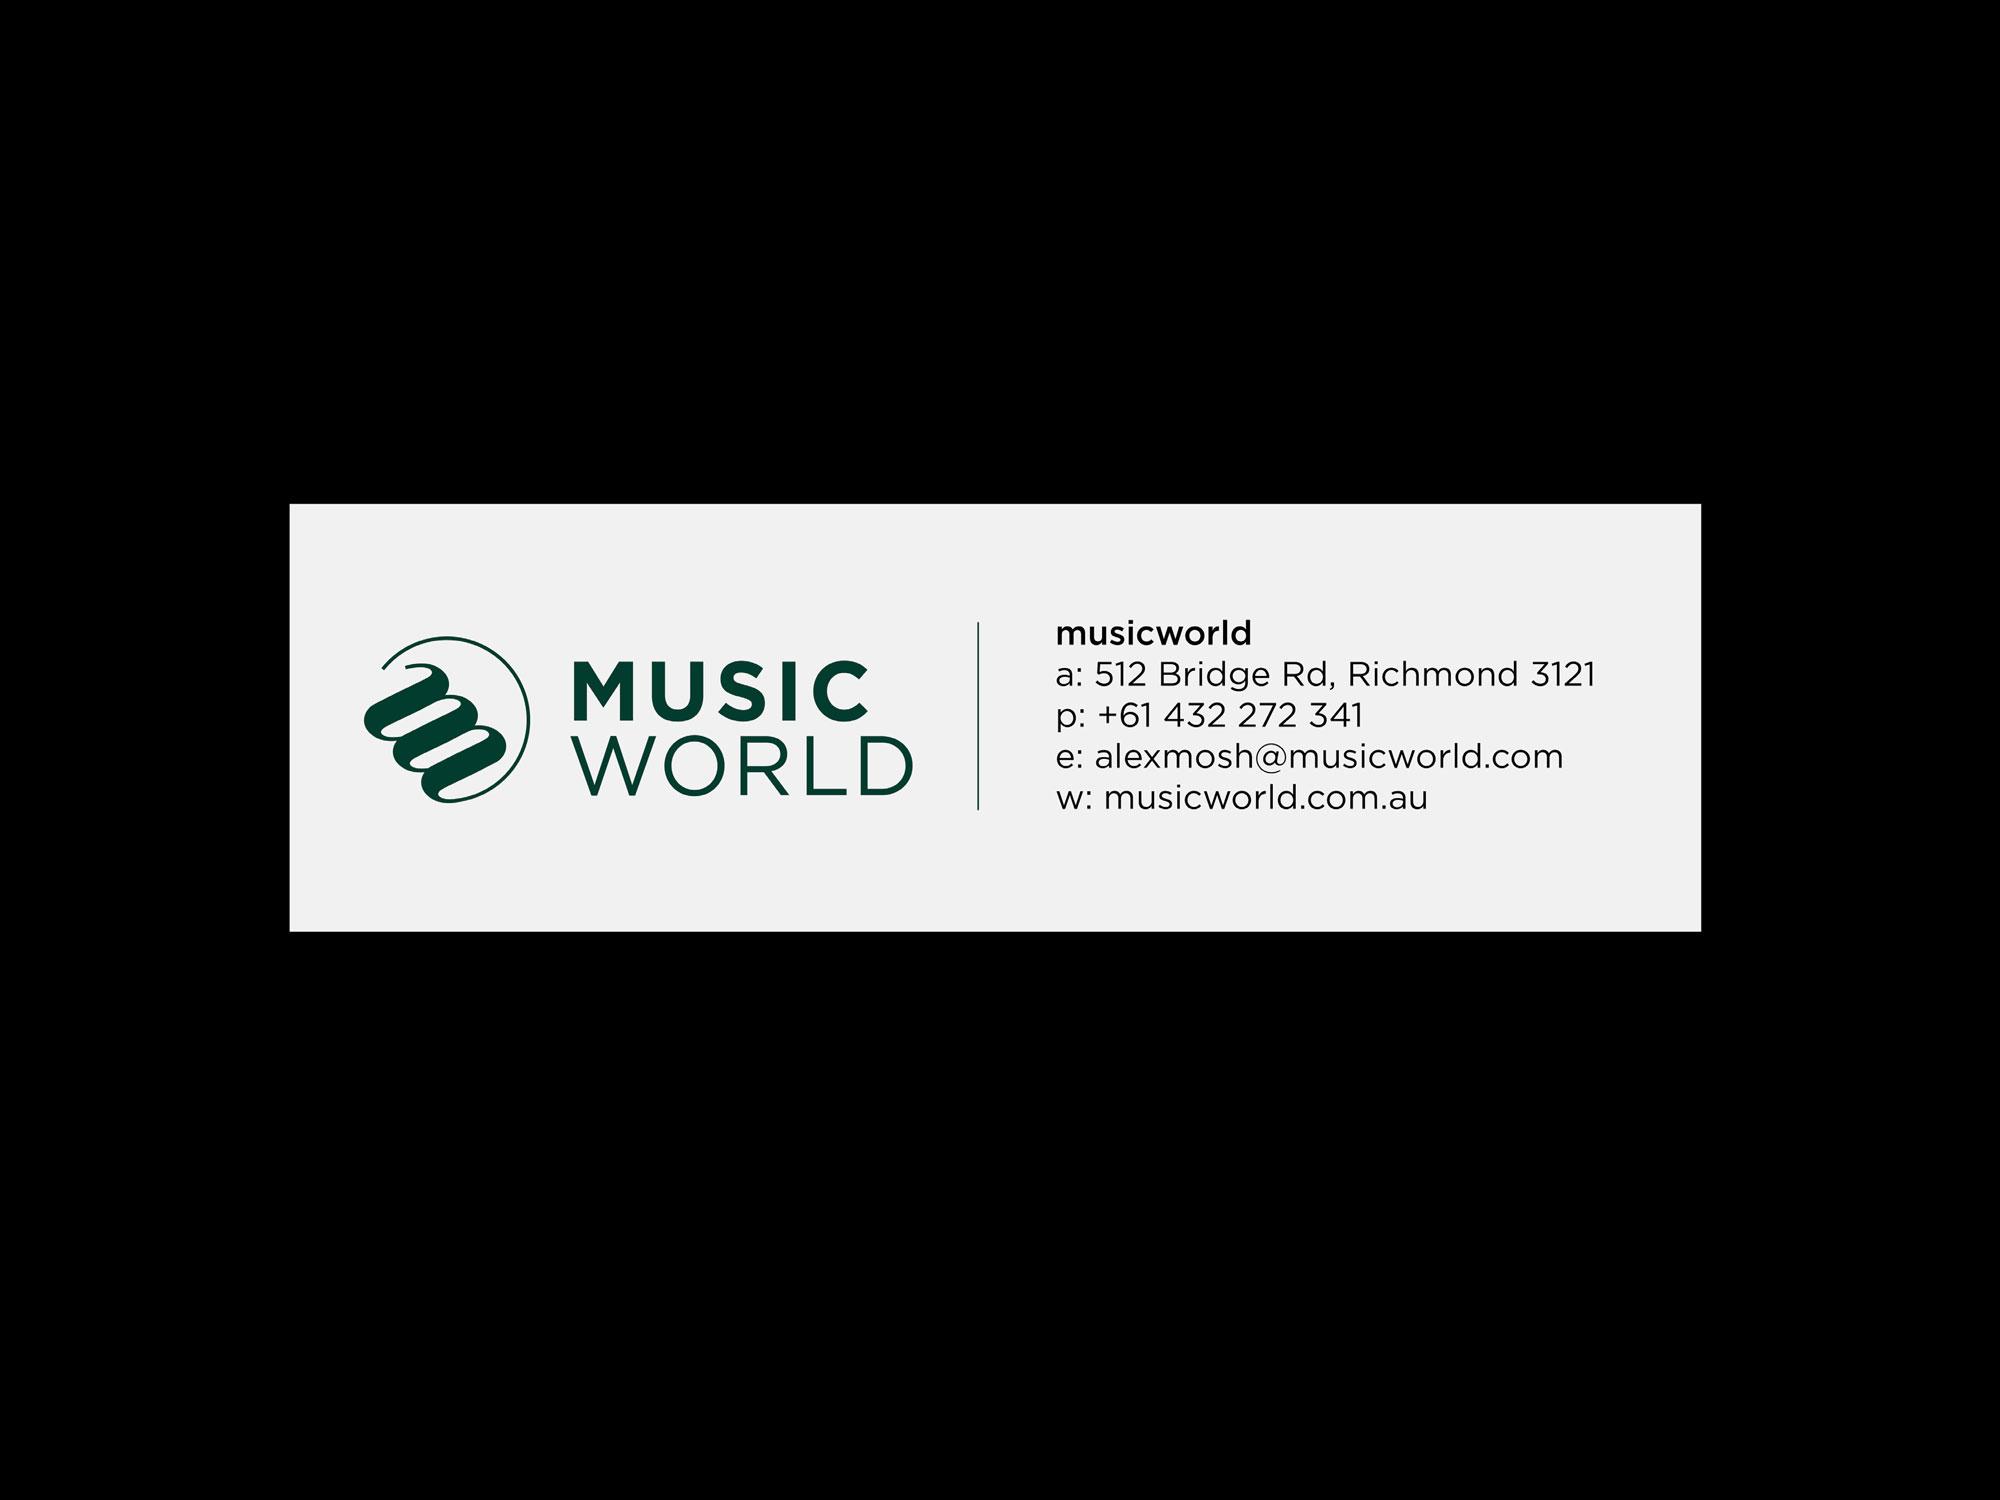 Musicworld_Gallery_11